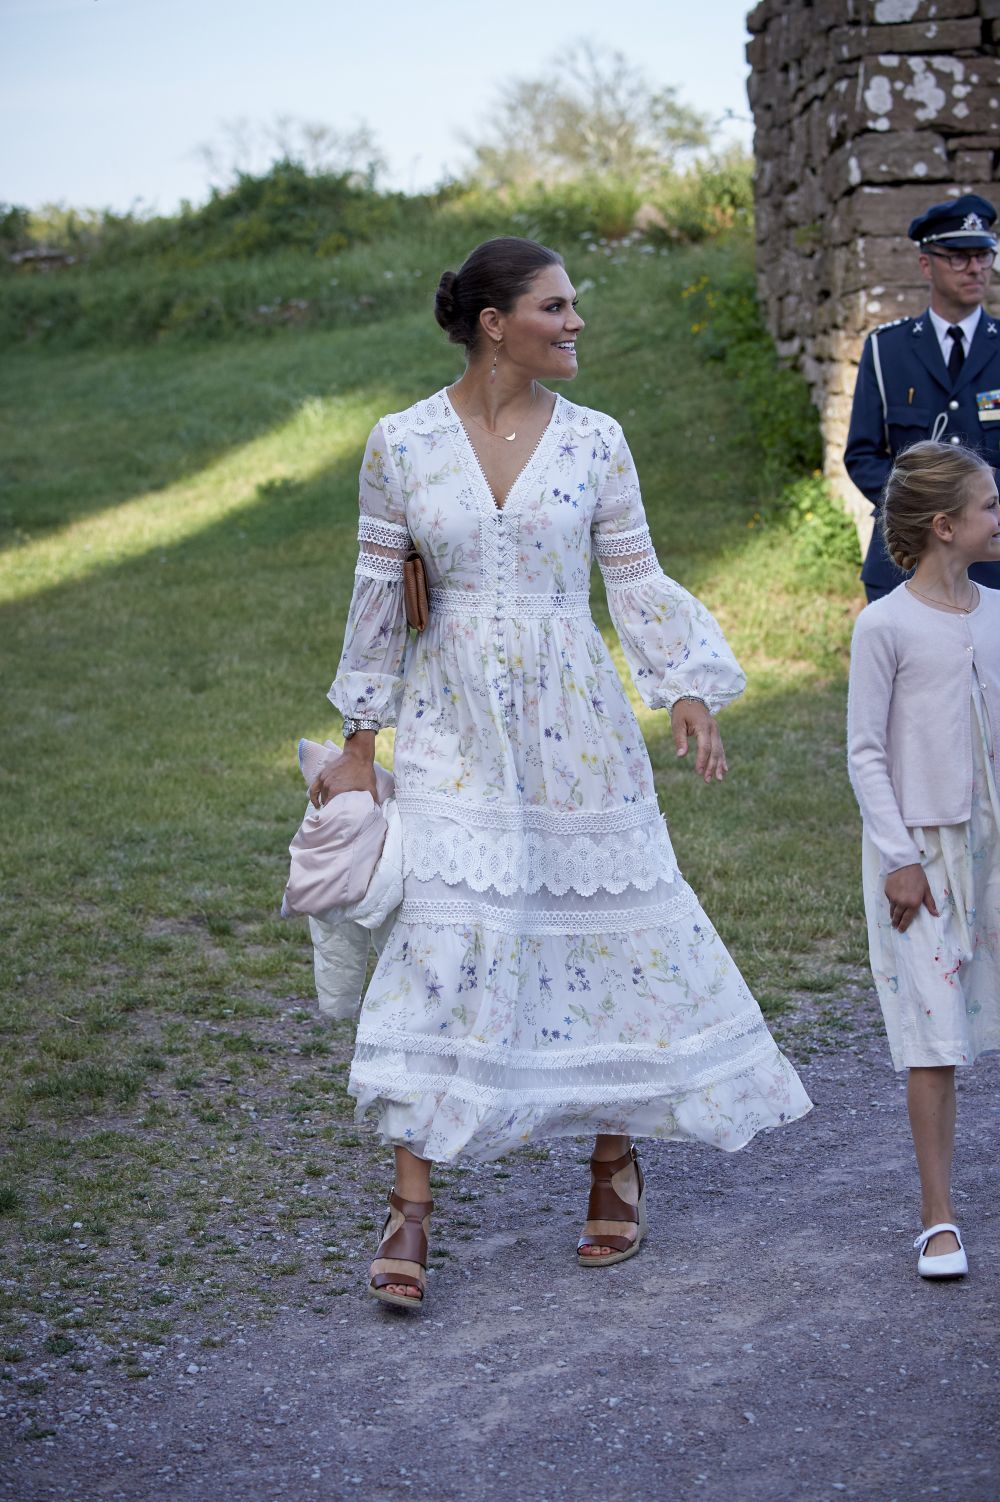 Victoria de Suecia con un vestido floral y sandalias de Zara.